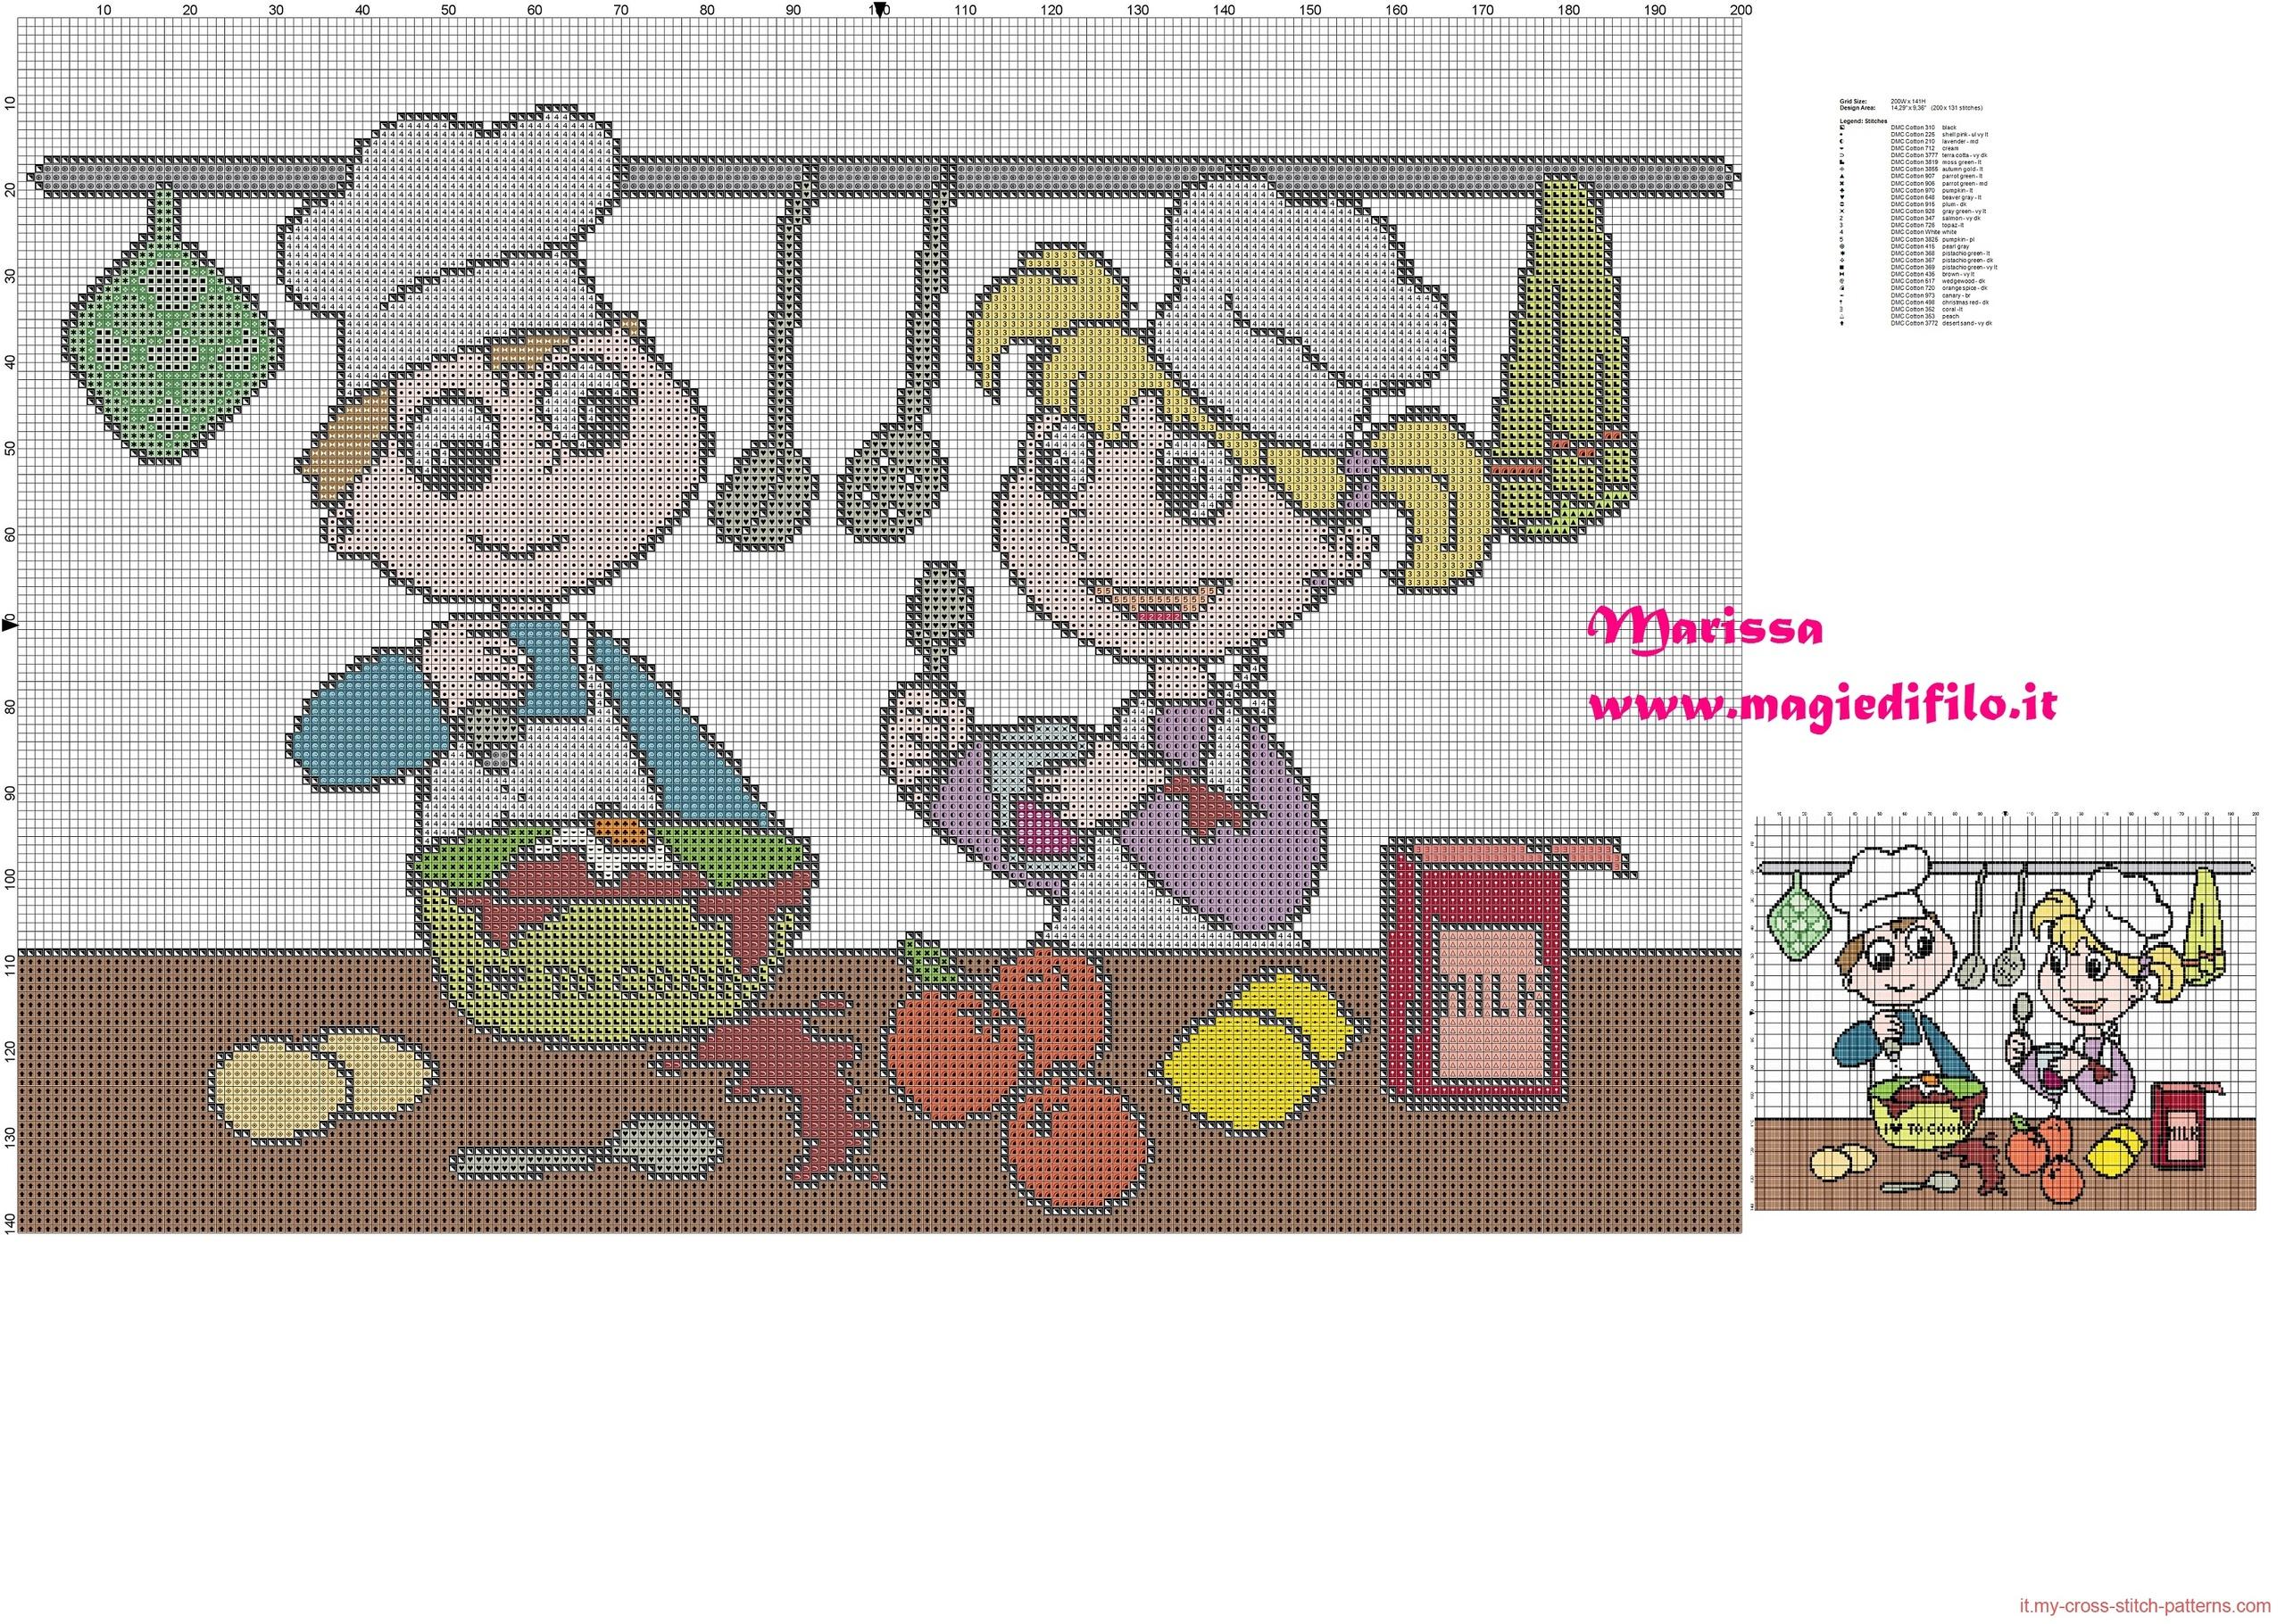 bambini_pasticcioni_in_cucina